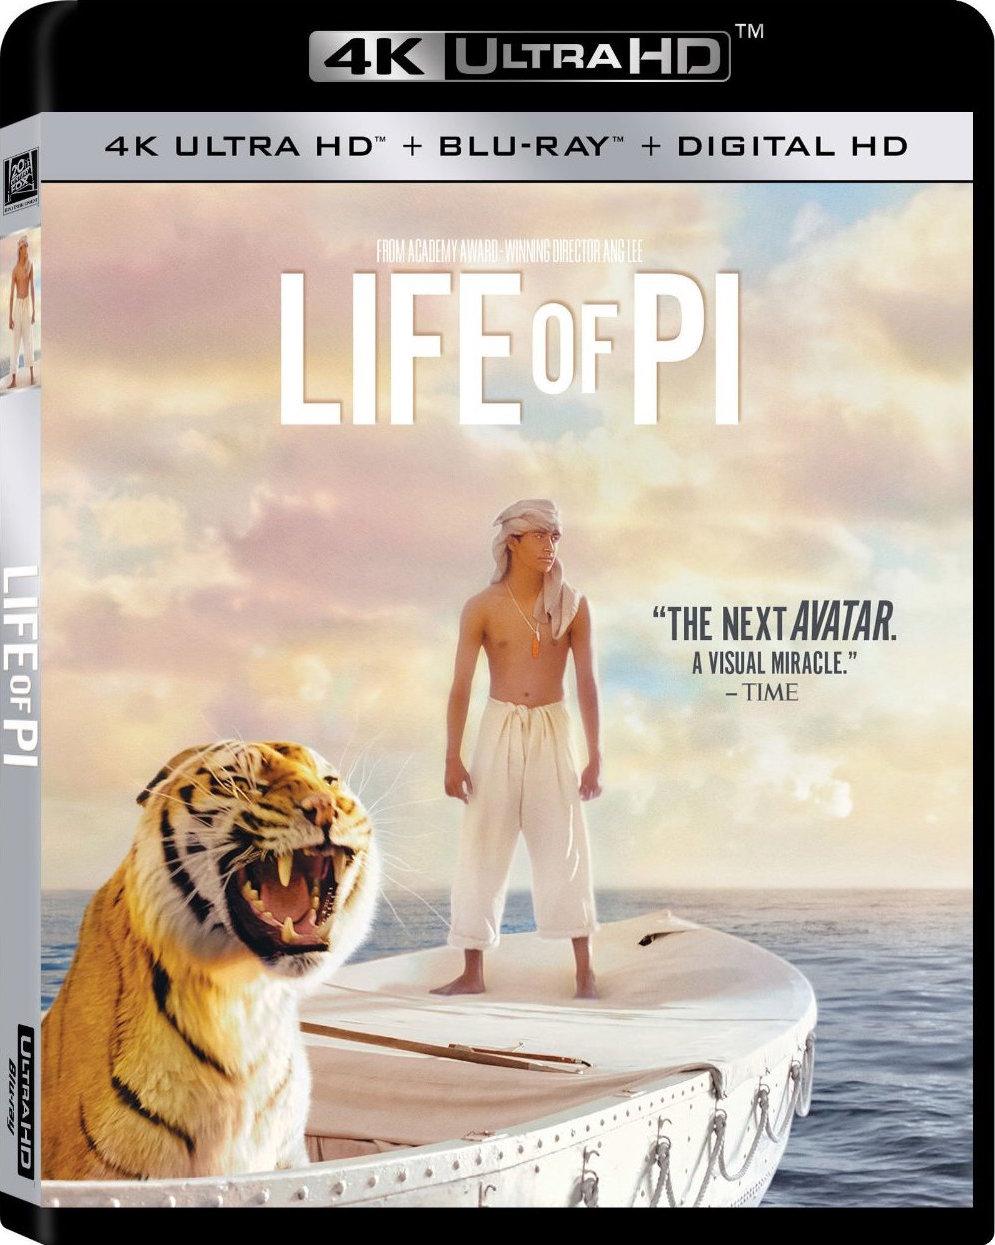 「4K HDR美影」少年派的奇幻漂流 Life of Pi (2012)「屏录版,非破解版」